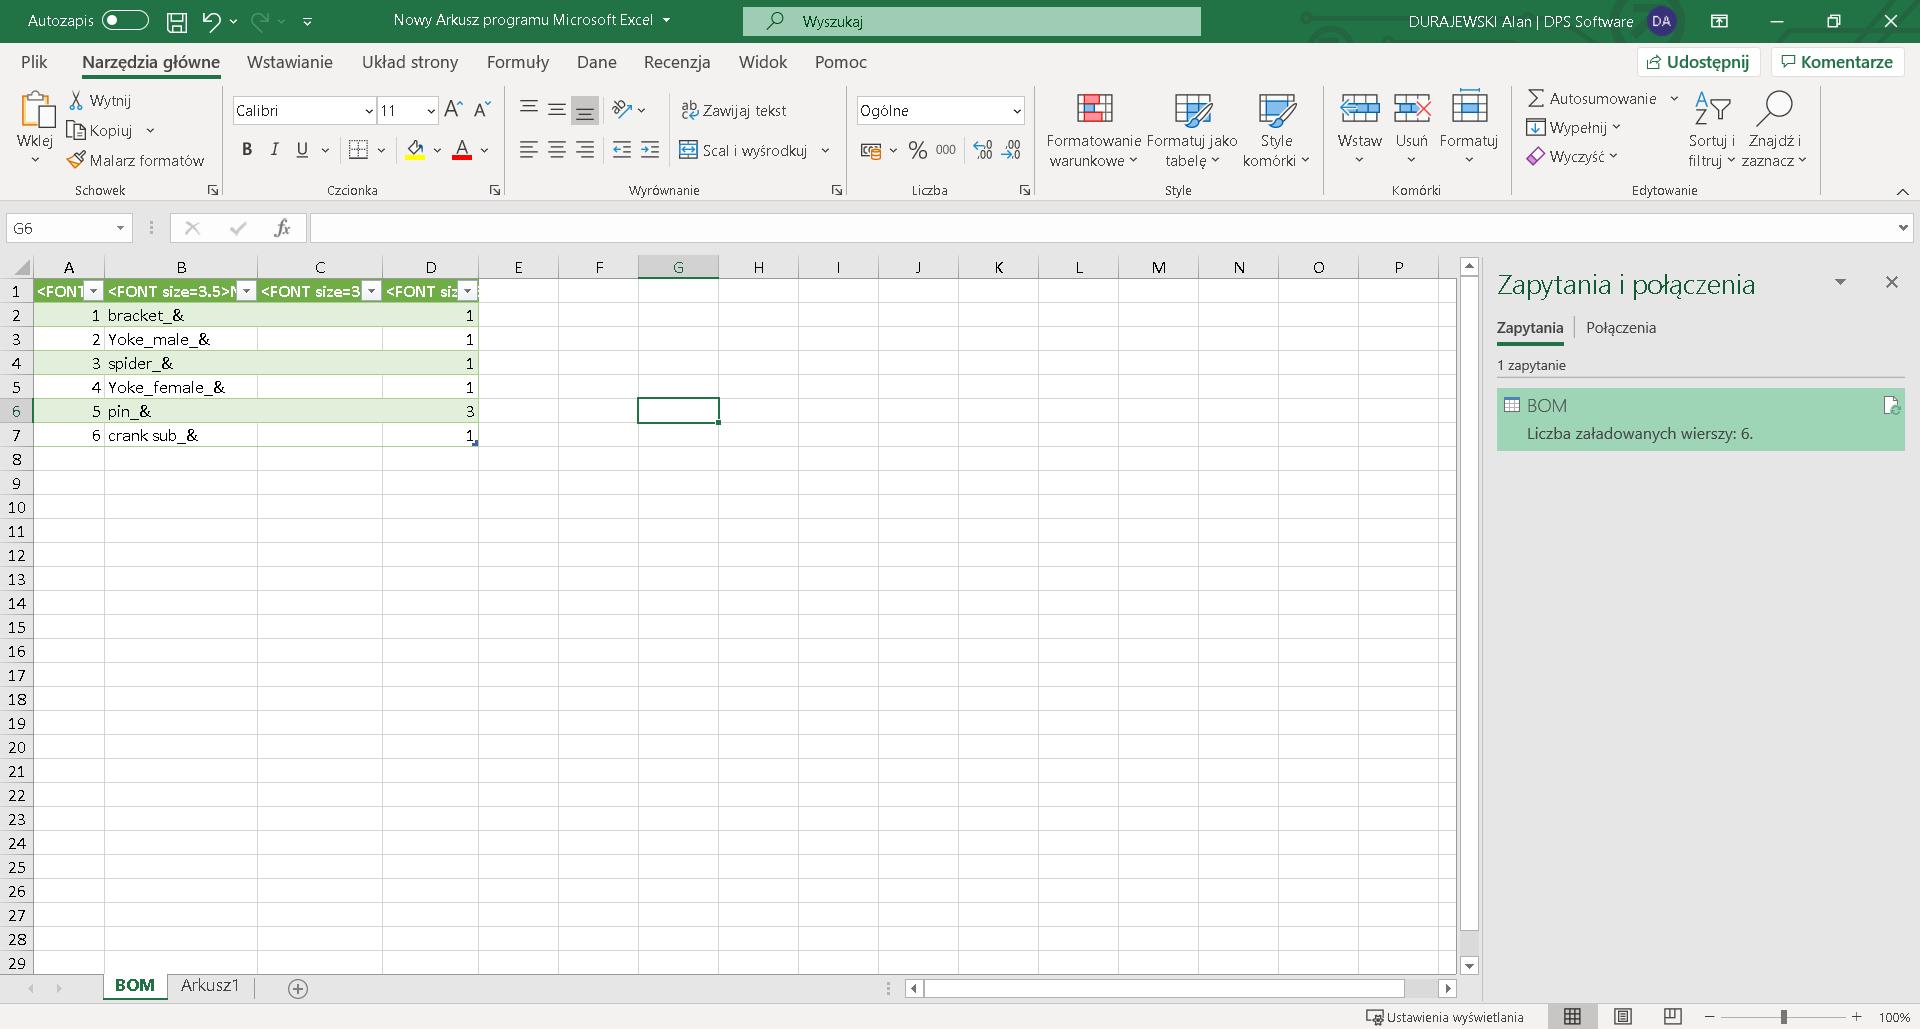 Po zaimportowaniu, wszystkie dane dopasowały się do formatu arkusza kalkulacyjnego